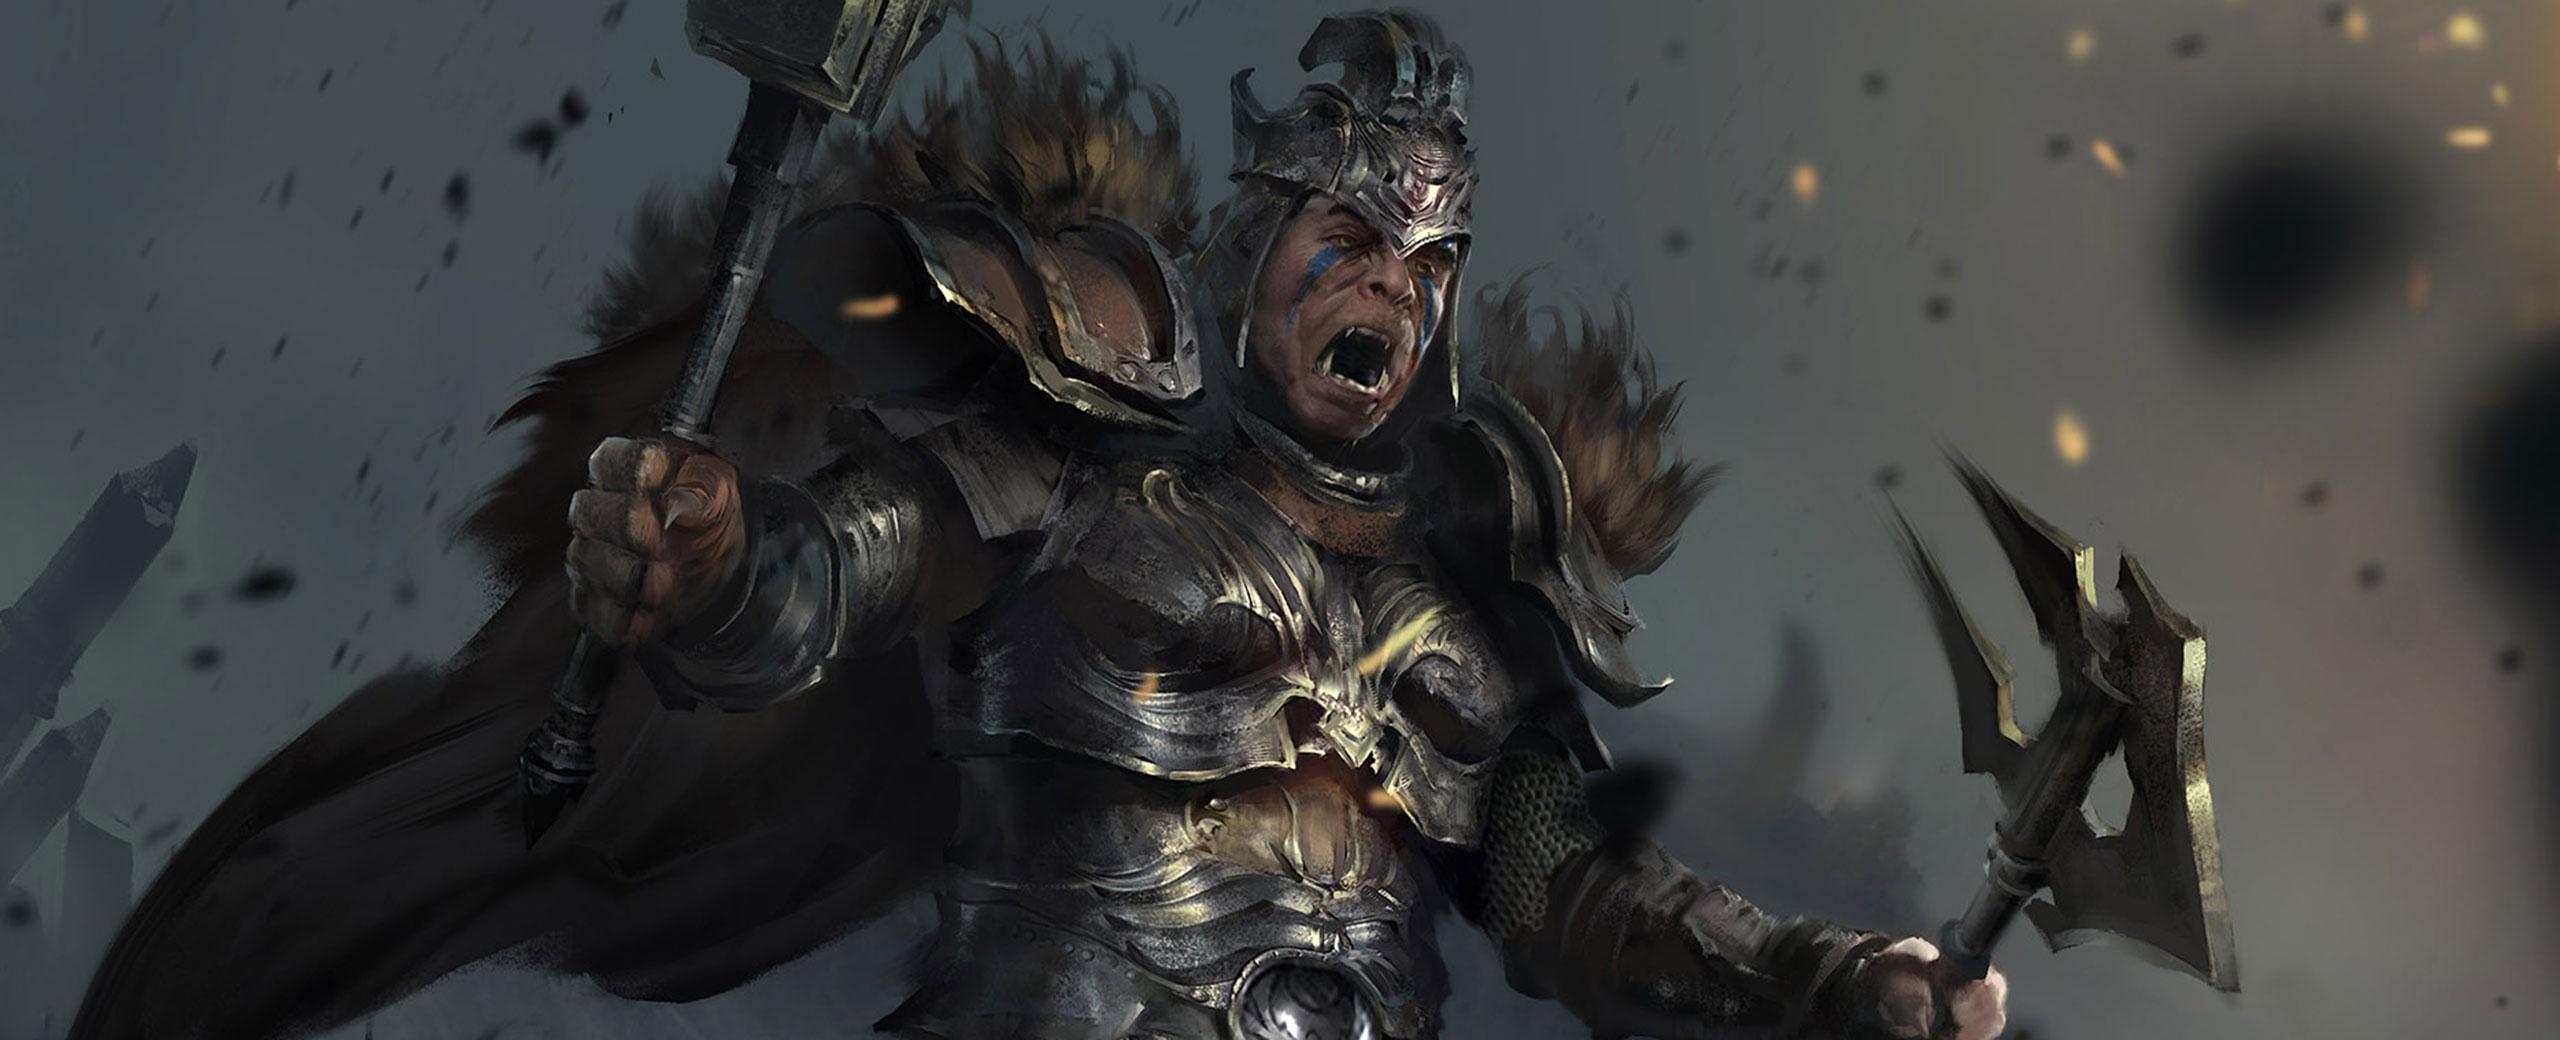 The Elder Scrolls Online Legends Wallpapers: Fonds D'écran De The Elder Scrolls: Legends